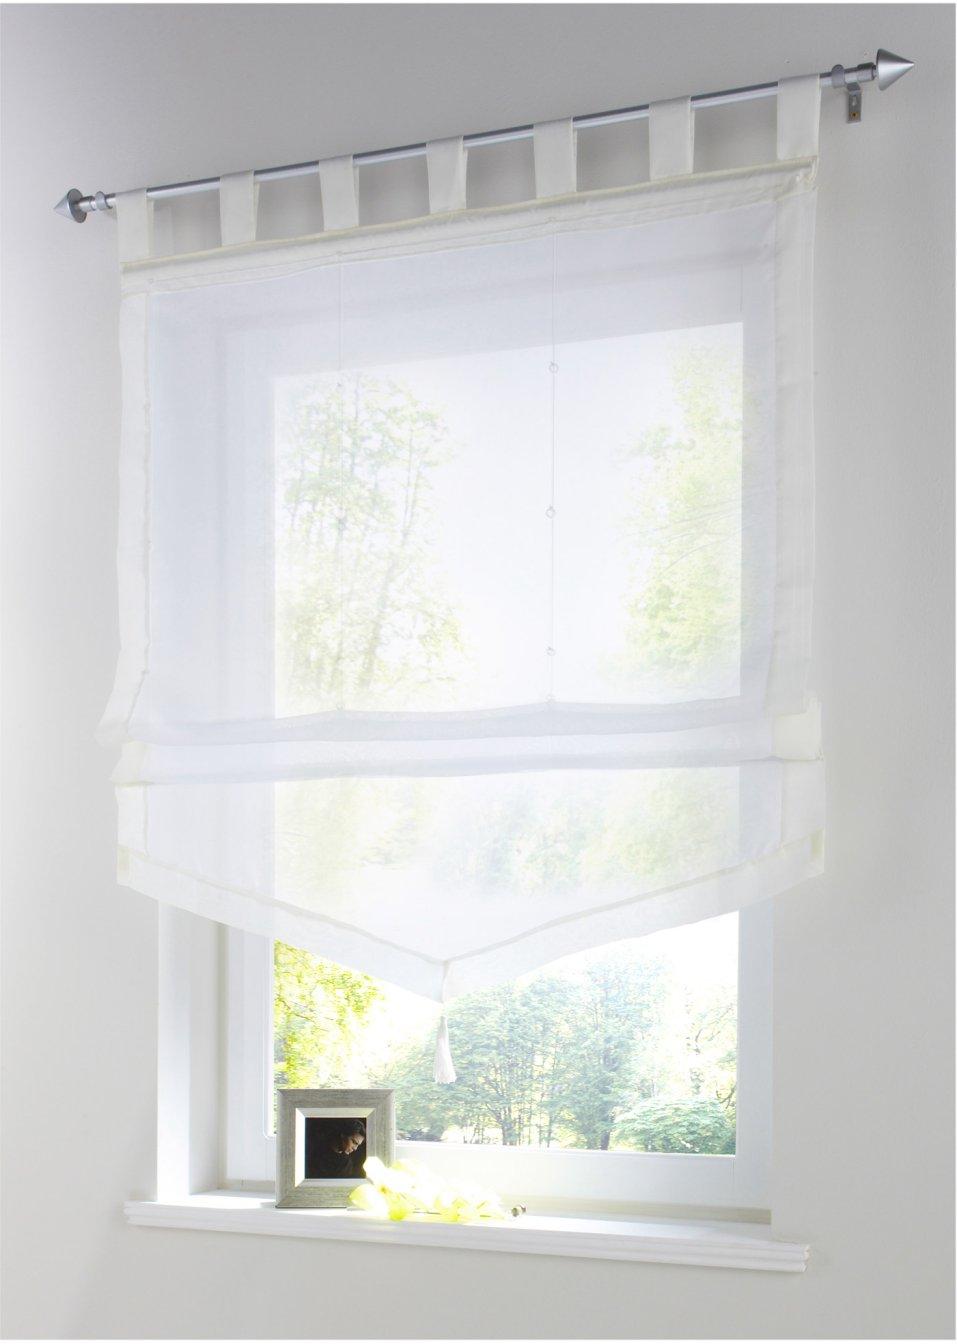 raffrollo sylt in toller wimpelform ein dekorativer rahmen f r ihr fenster creme. Black Bedroom Furniture Sets. Home Design Ideas